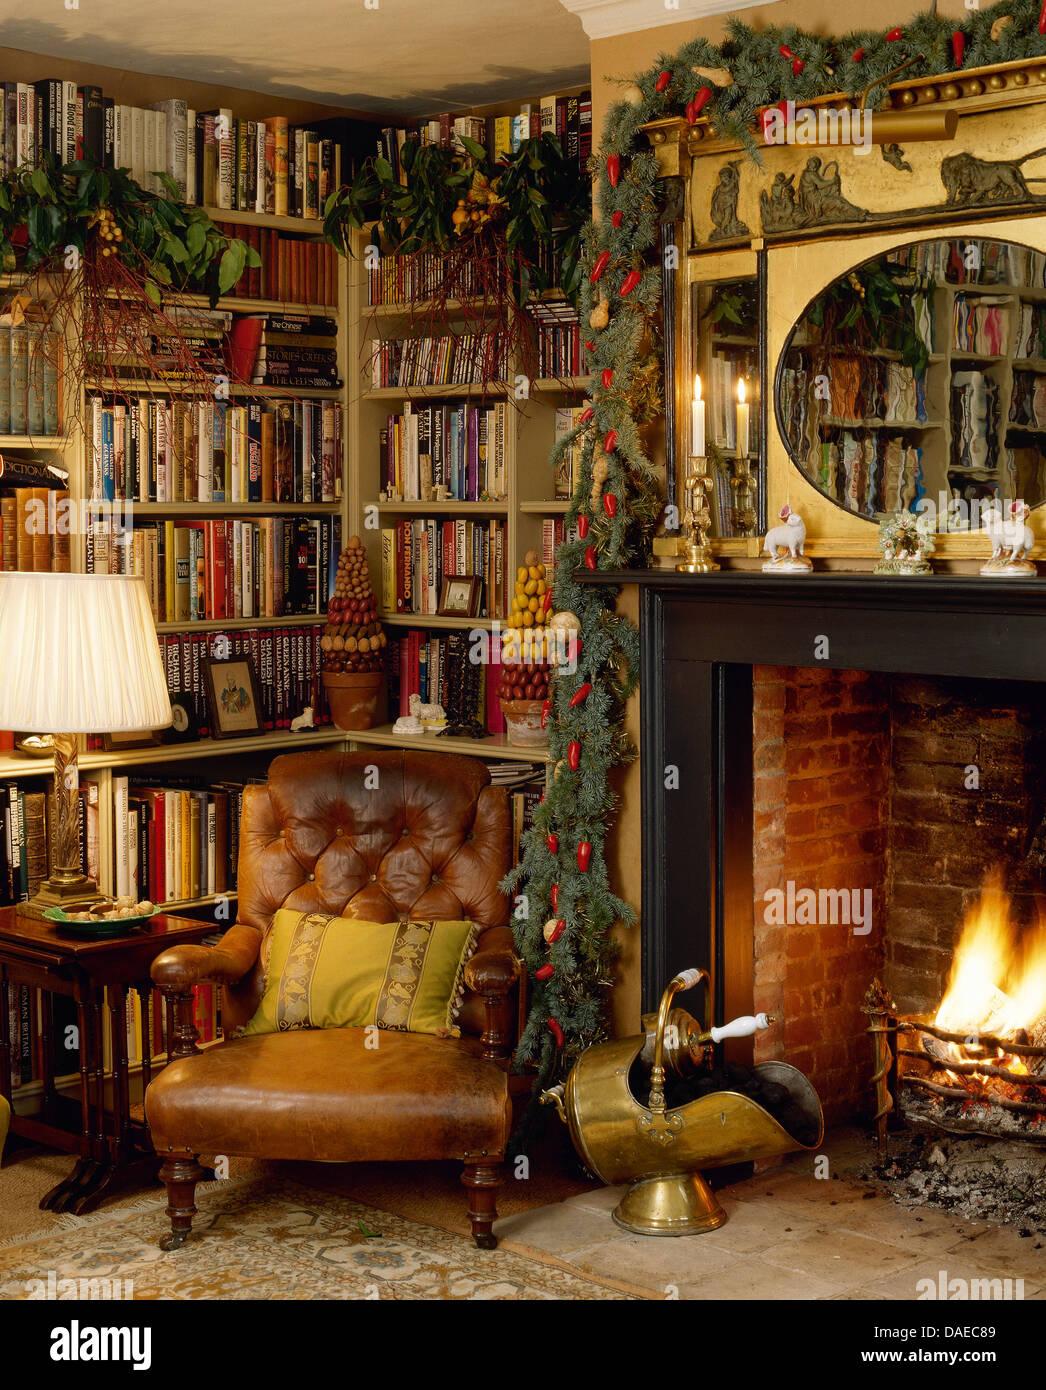 Ledersessel Vor Bücherregalen Und Kamin Mit Brennenden Feuer Im Wohnzimmer  Gemütlich Land Für Weihnachten Dekoriert